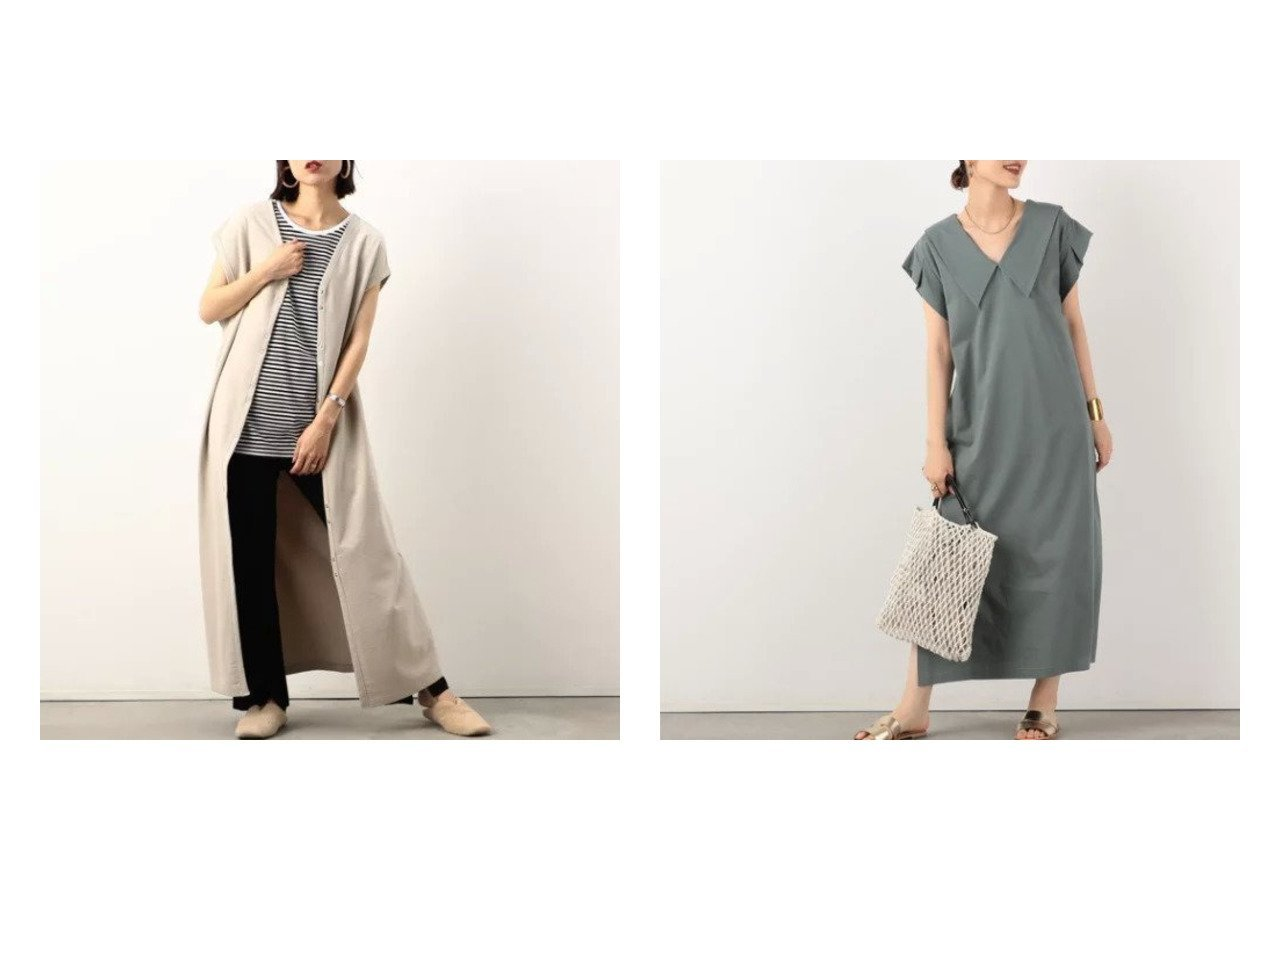 【NOLLEY'S/ノーリーズ】の2WAYカットワンピース&ウラケ風天竺両前レイヤードワンピース 【ワンピース・ドレス】おすすめ!人気、トレンド・レディースファッションの通販 おすすめで人気の流行・トレンド、ファッションの通販商品 インテリア・家具・メンズファッション・キッズファッション・レディースファッション・服の通販 founy(ファニー) https://founy.com/ ファッション Fashion レディースファッション WOMEN ワンピース Dress トレンド 半袖 夏 Summer ドット フロント おすすめ Recommend |ID:crp329100000055592